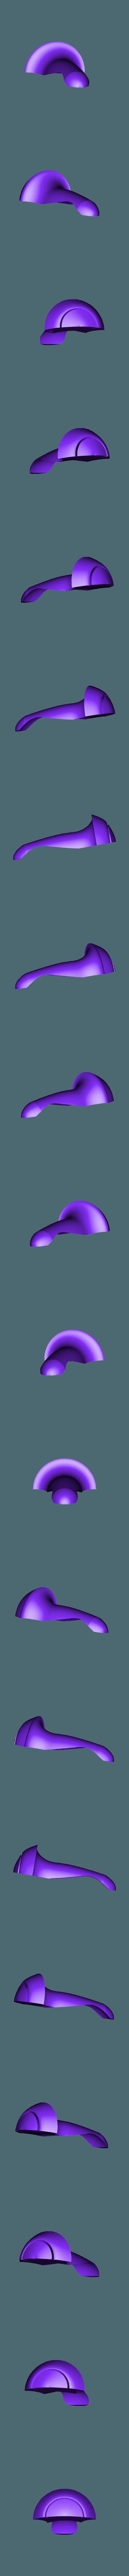 pig tail orange.stl Télécharger fichier STL gratuit Les filles de la poupée de fleurs • Plan pour impression 3D, Jangie